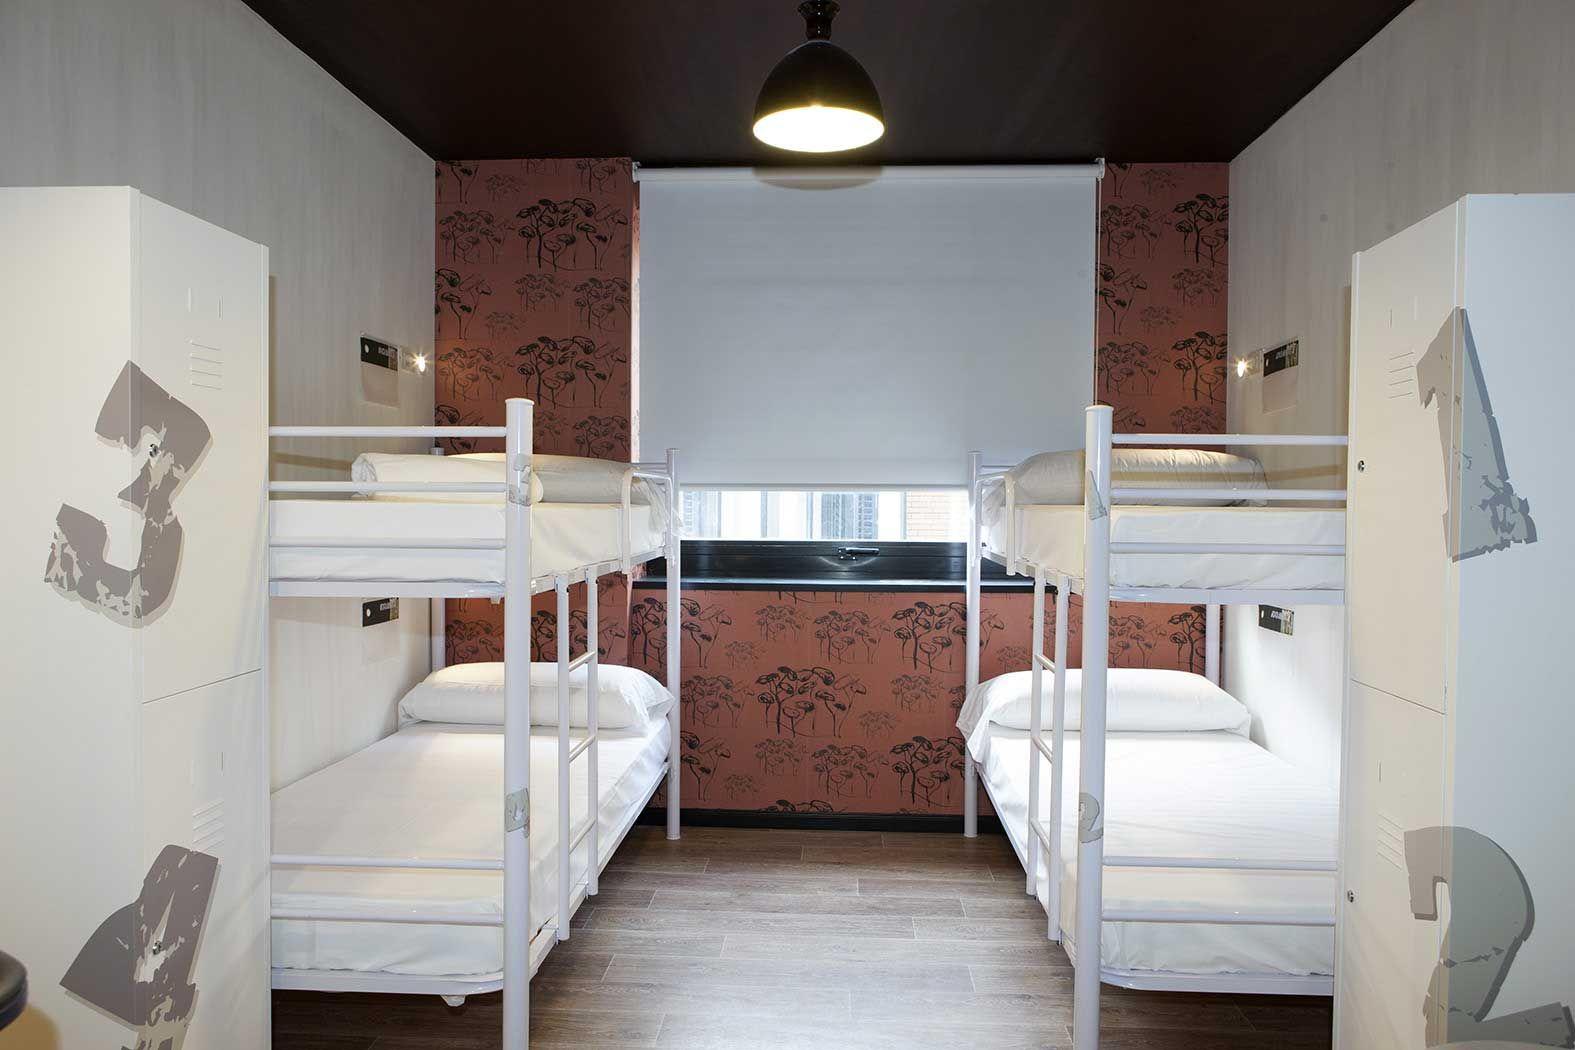 Bedroom Furniture Ventura photos du hostel room 007 ventura, madrid | site officiel | back